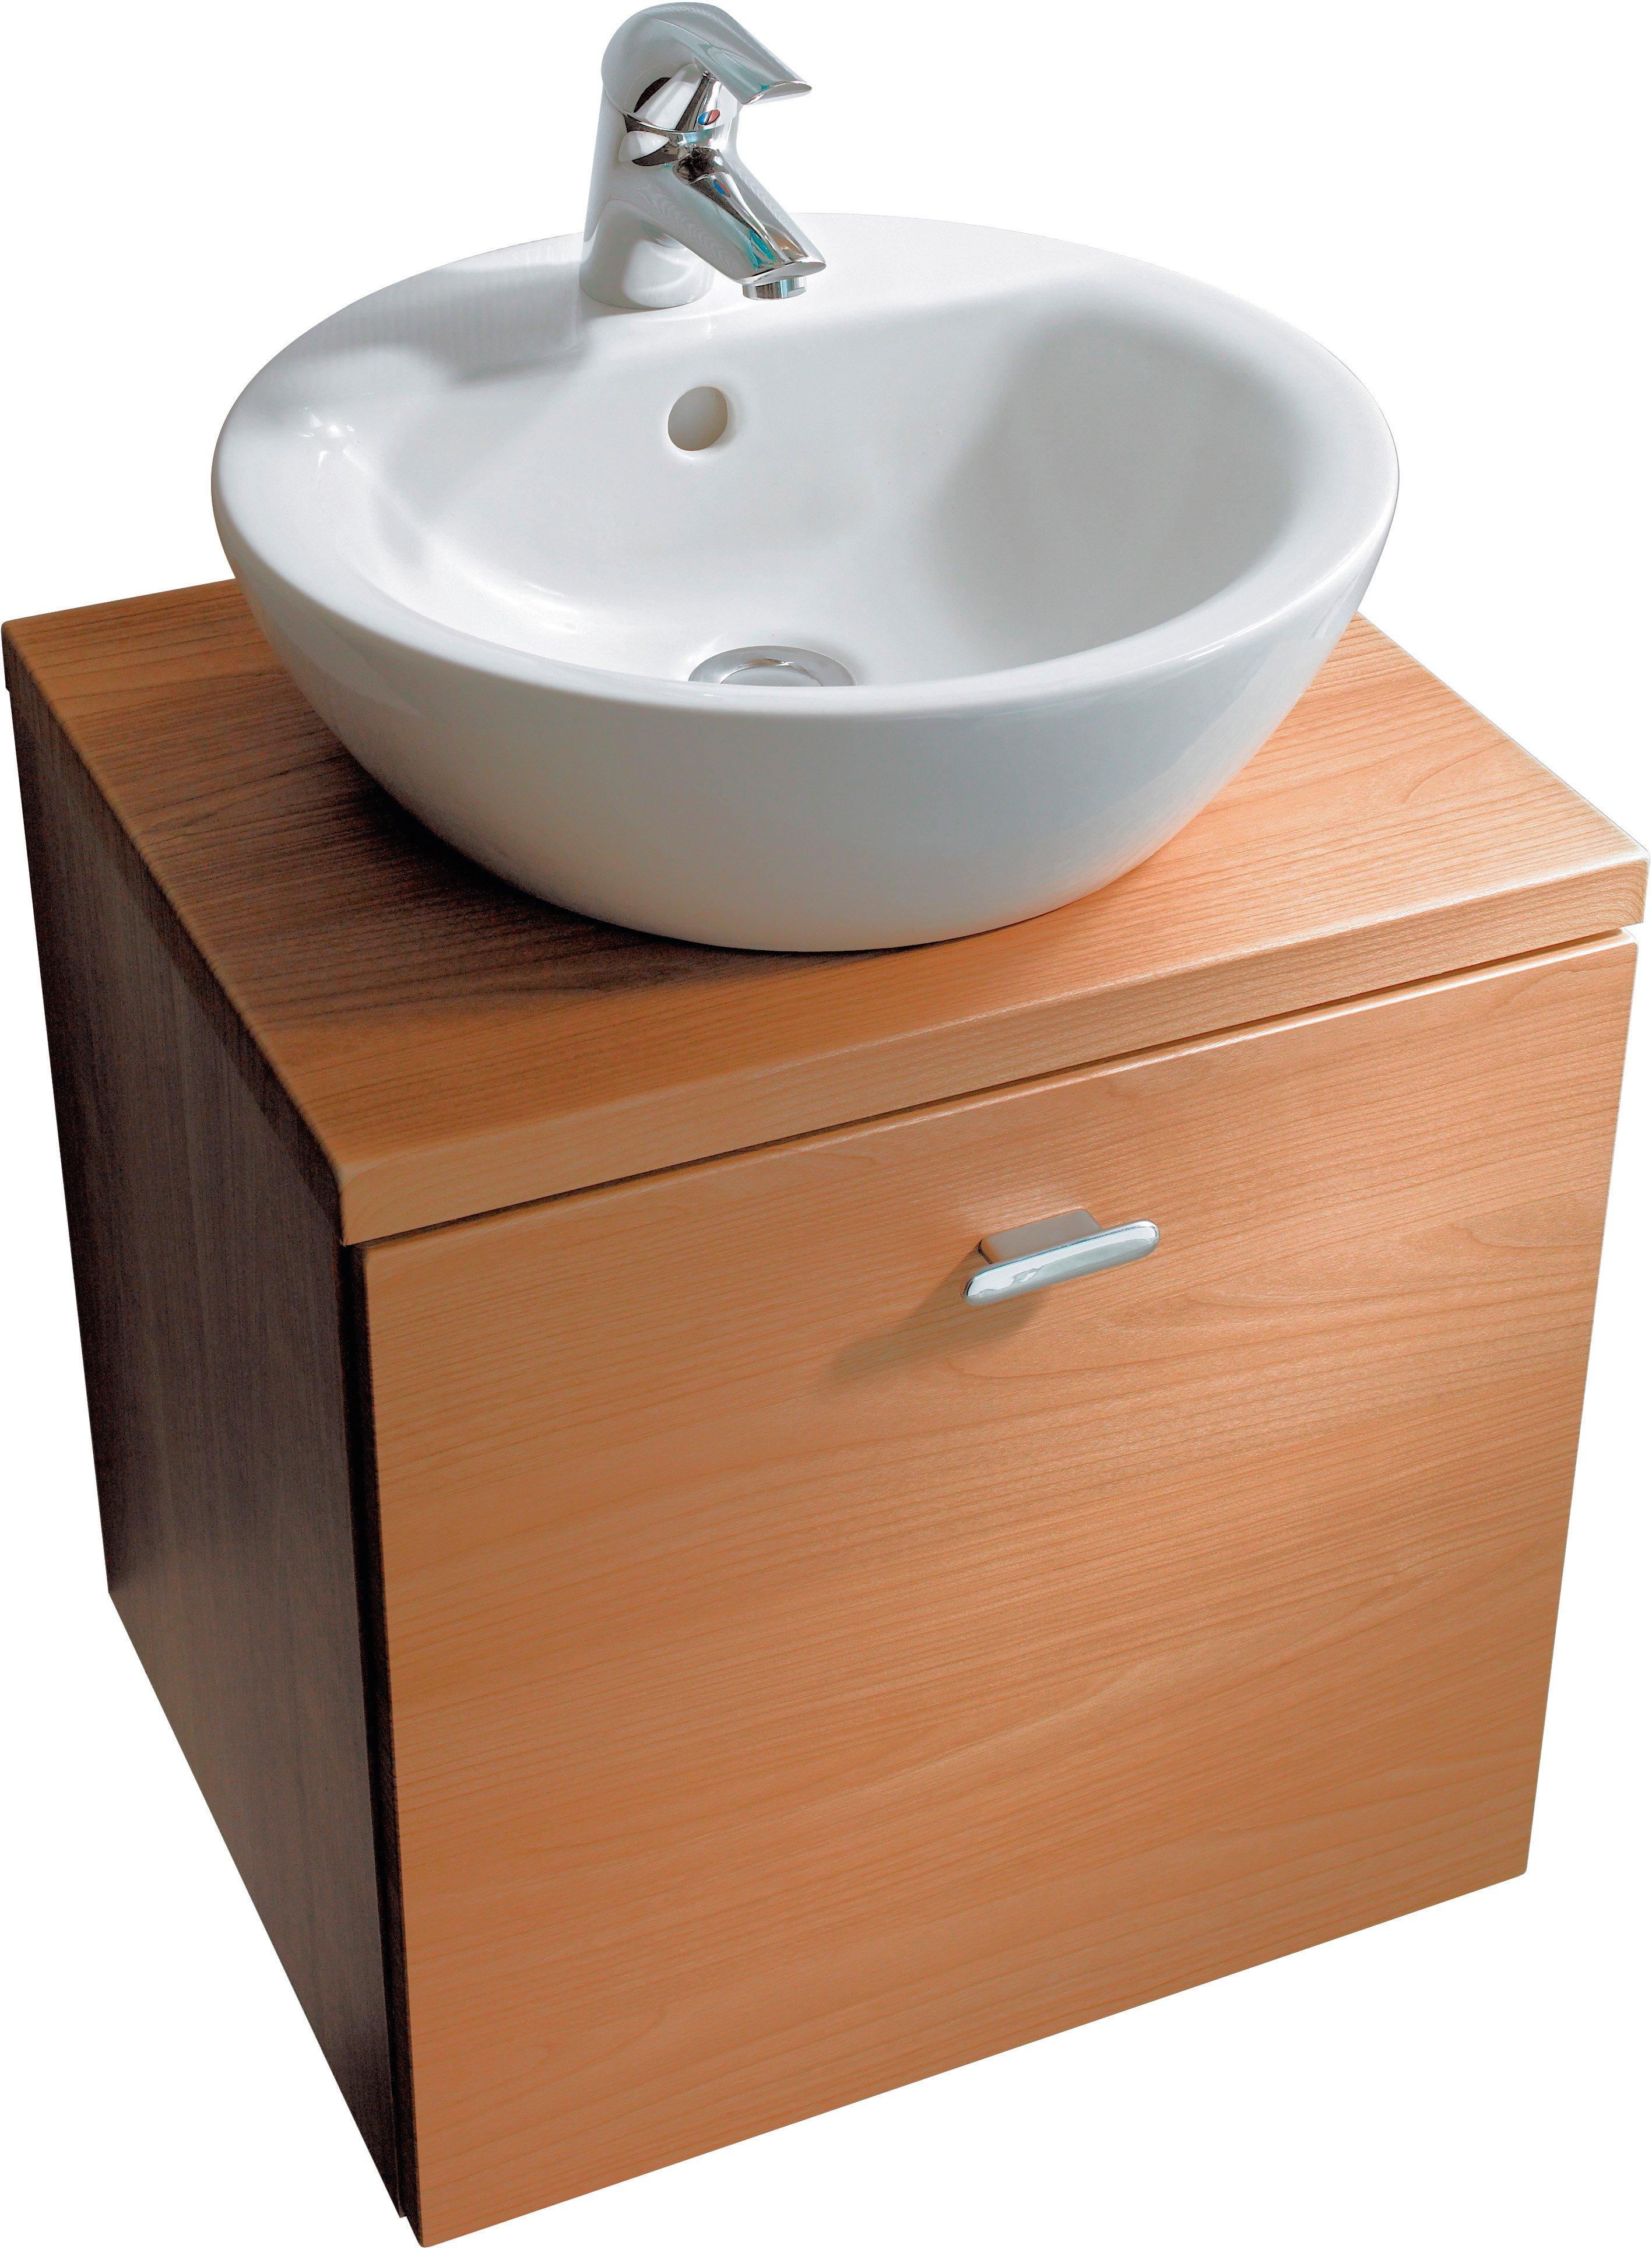 lavabi piccoli e lavamani - cose di casa - Lavabo Bagno Da Incasso Dolomite